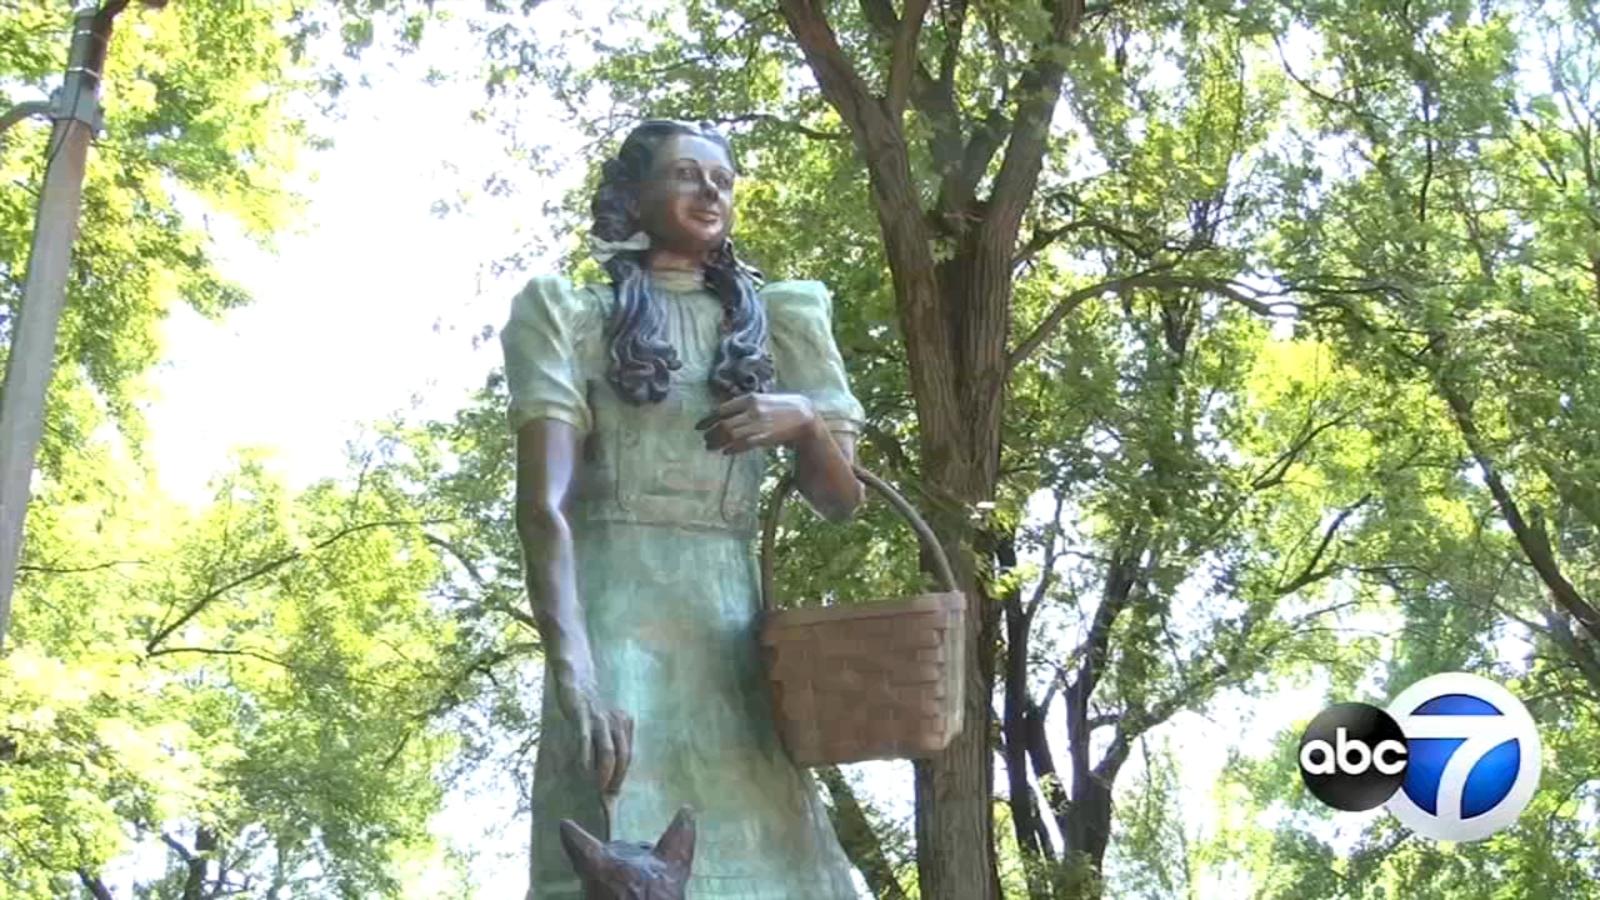 How Chicago's Oz Park got its name